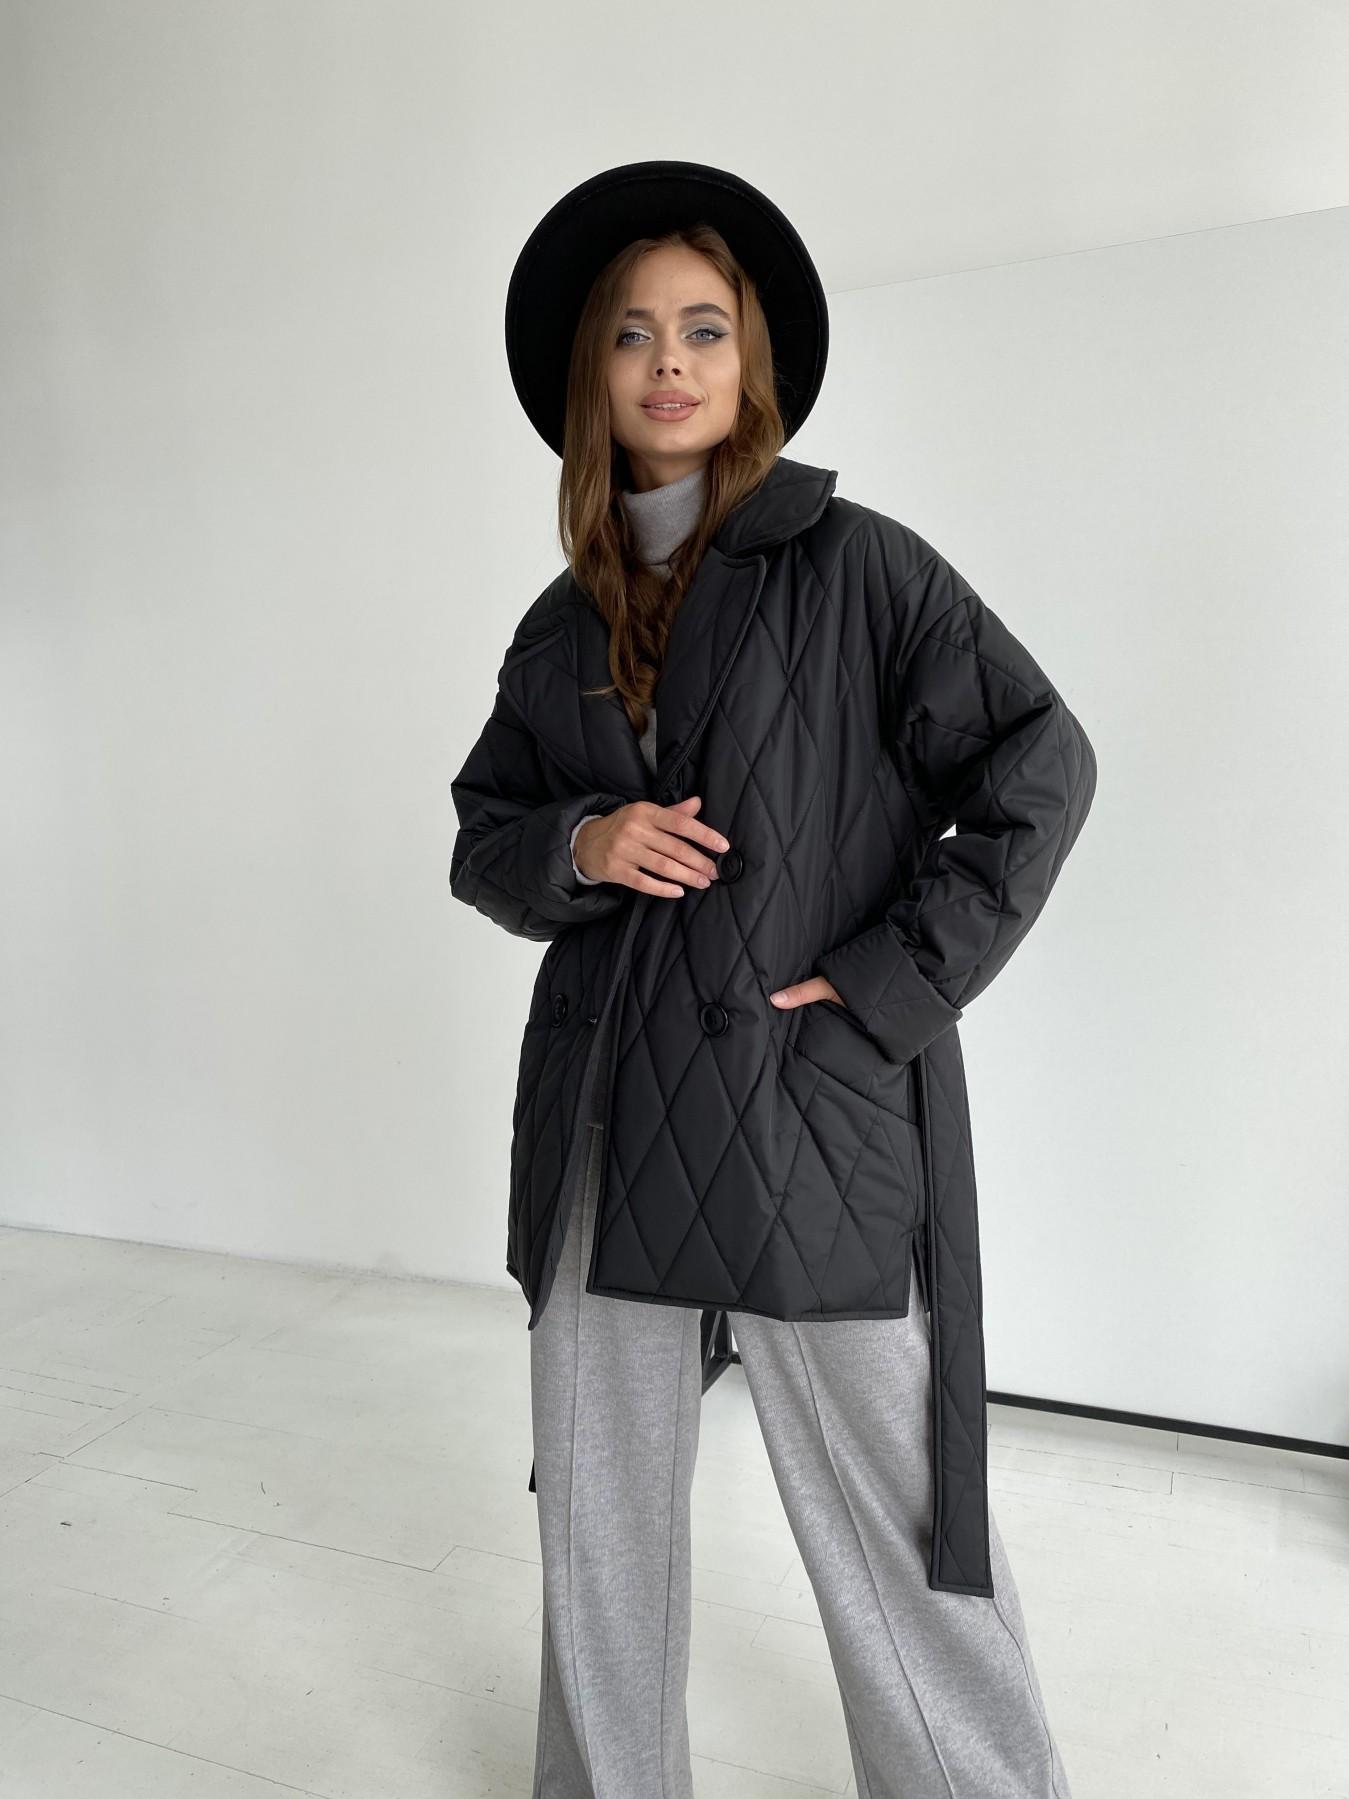 Норд стеганая куртка из плащеки 11770  АРТ. 48512 Цвет: Черный - фото 3, интернет магазин tm-modus.ru